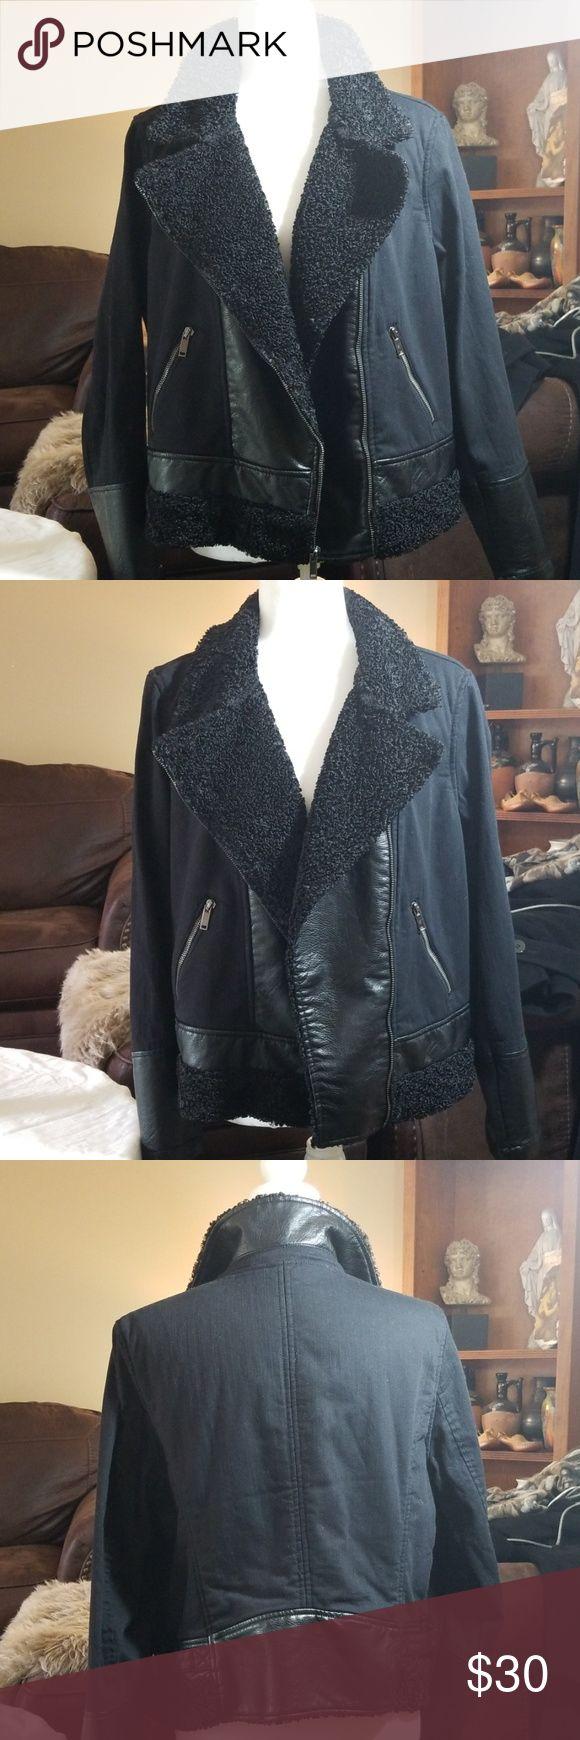 Black Rock n Republic Sherpa moto jacket Fauxleather